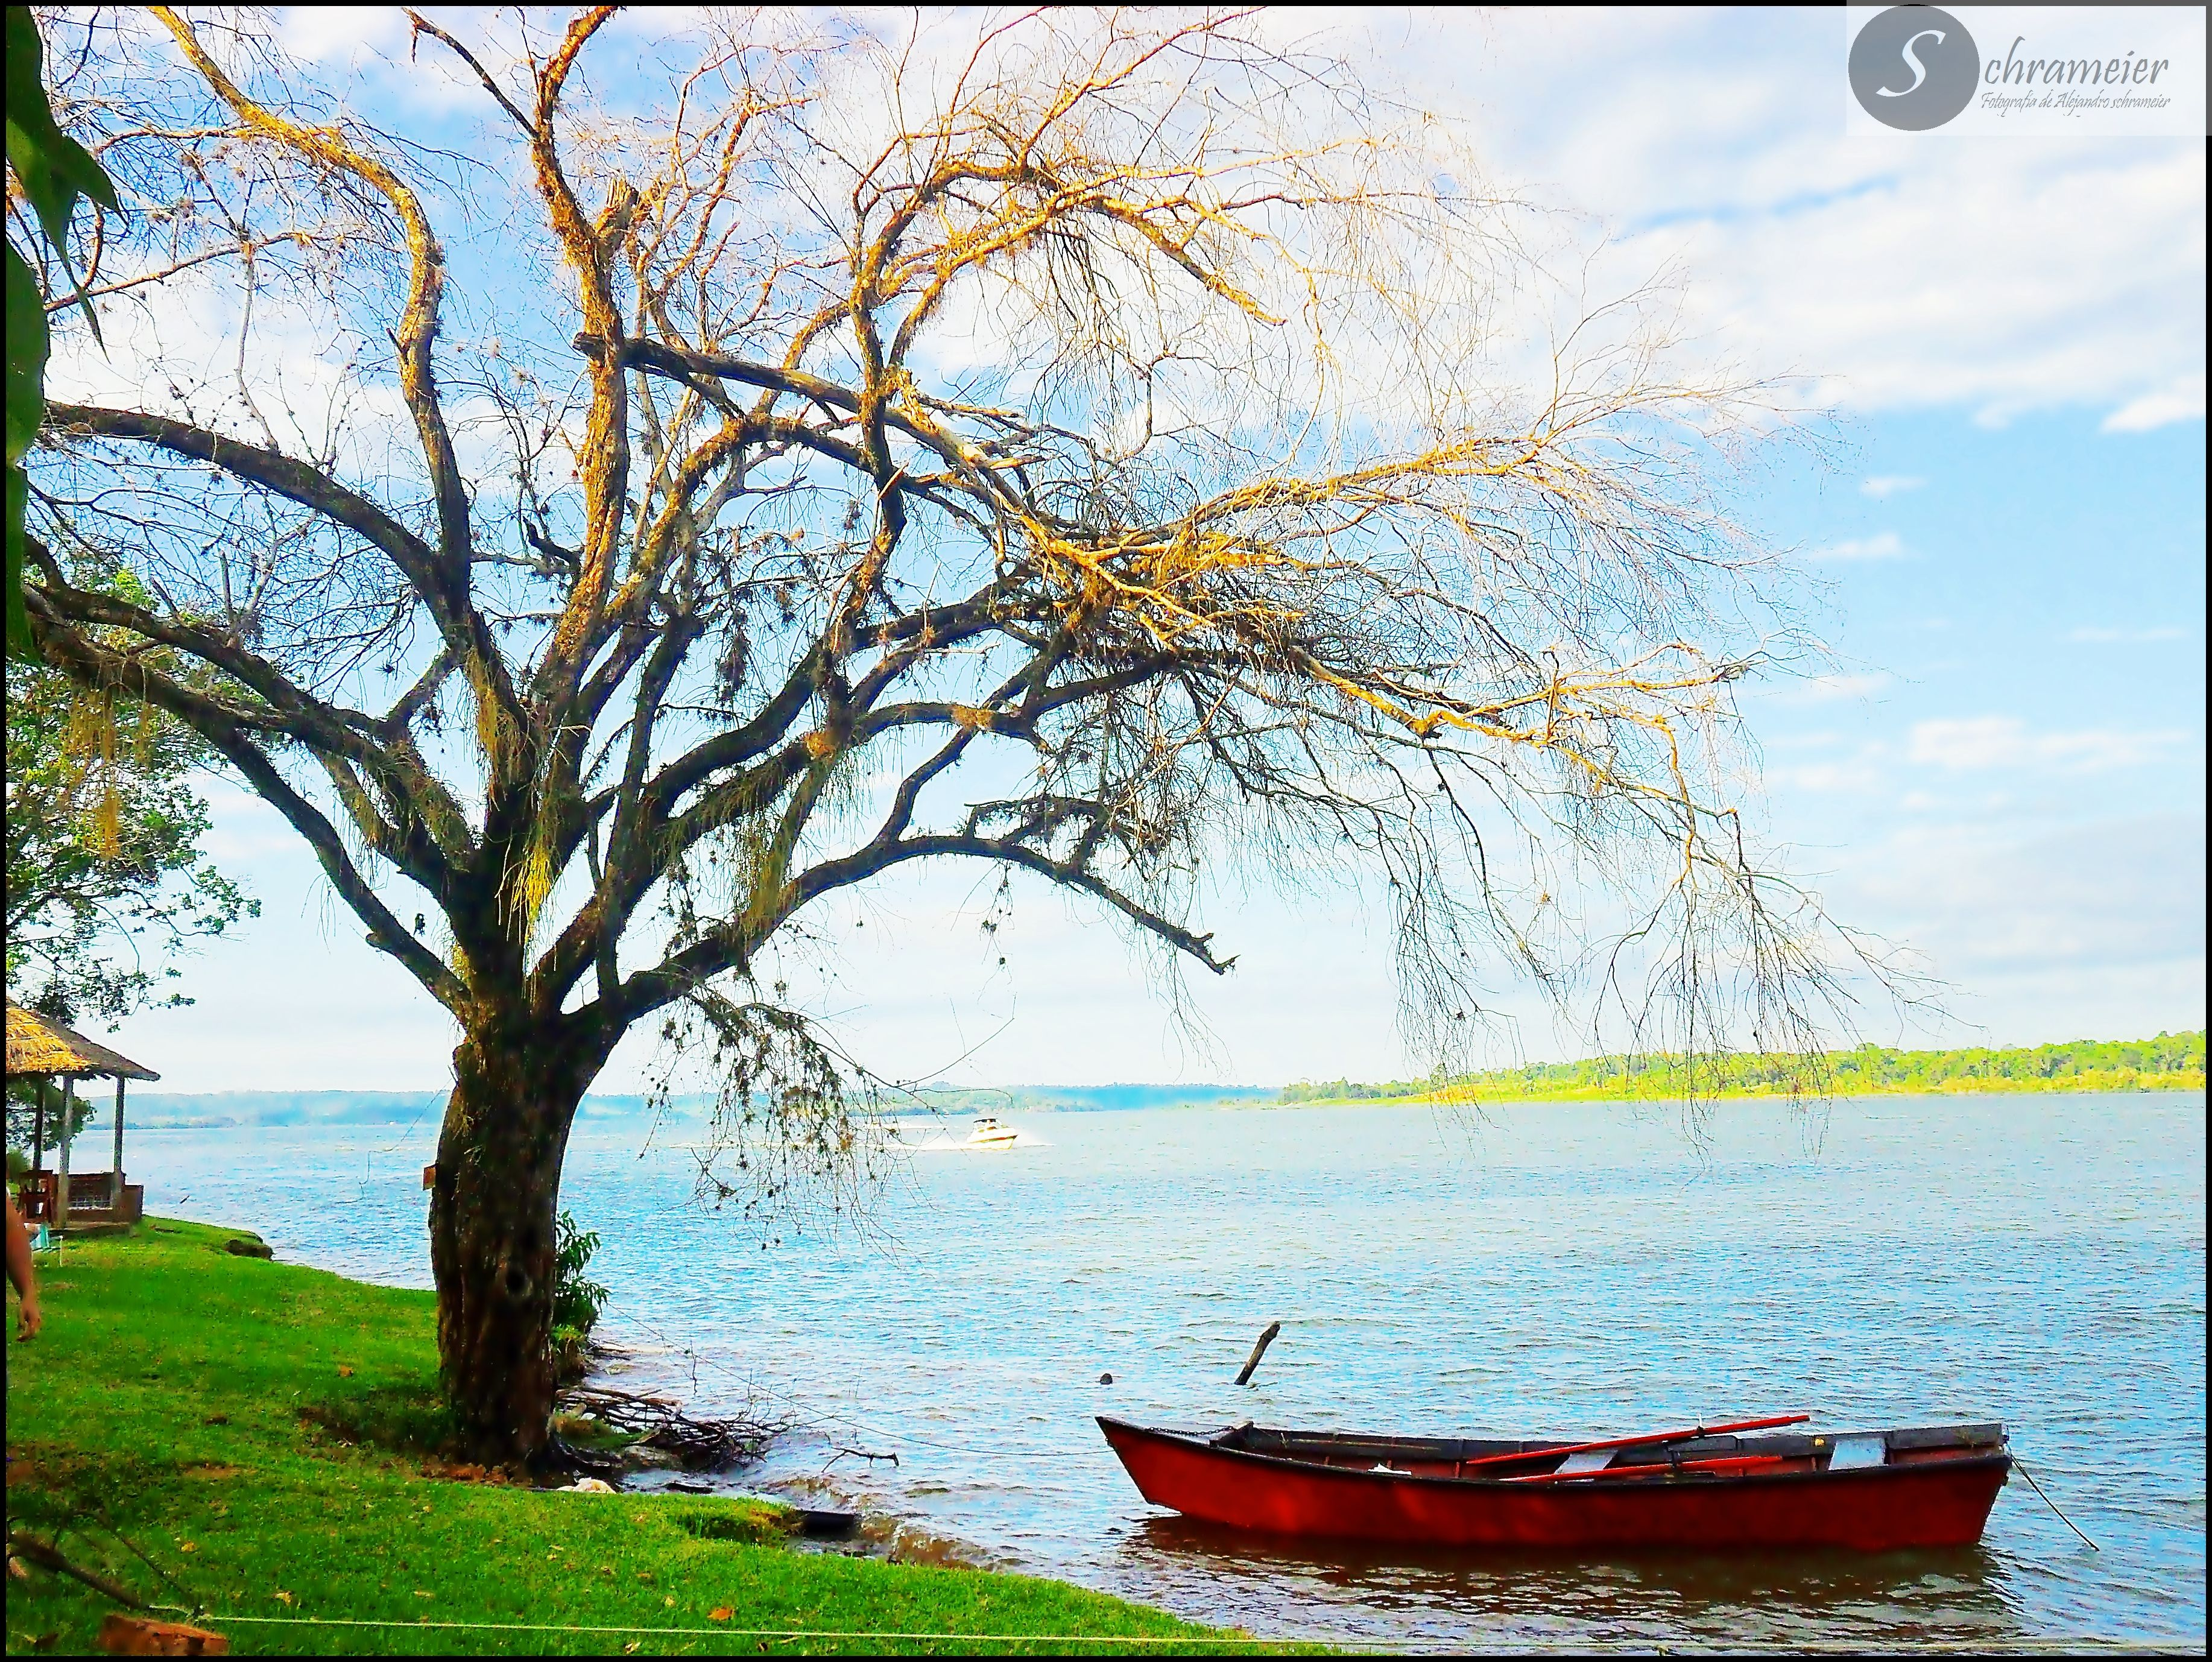 De paseo por el río, hermoso domingo!! (: